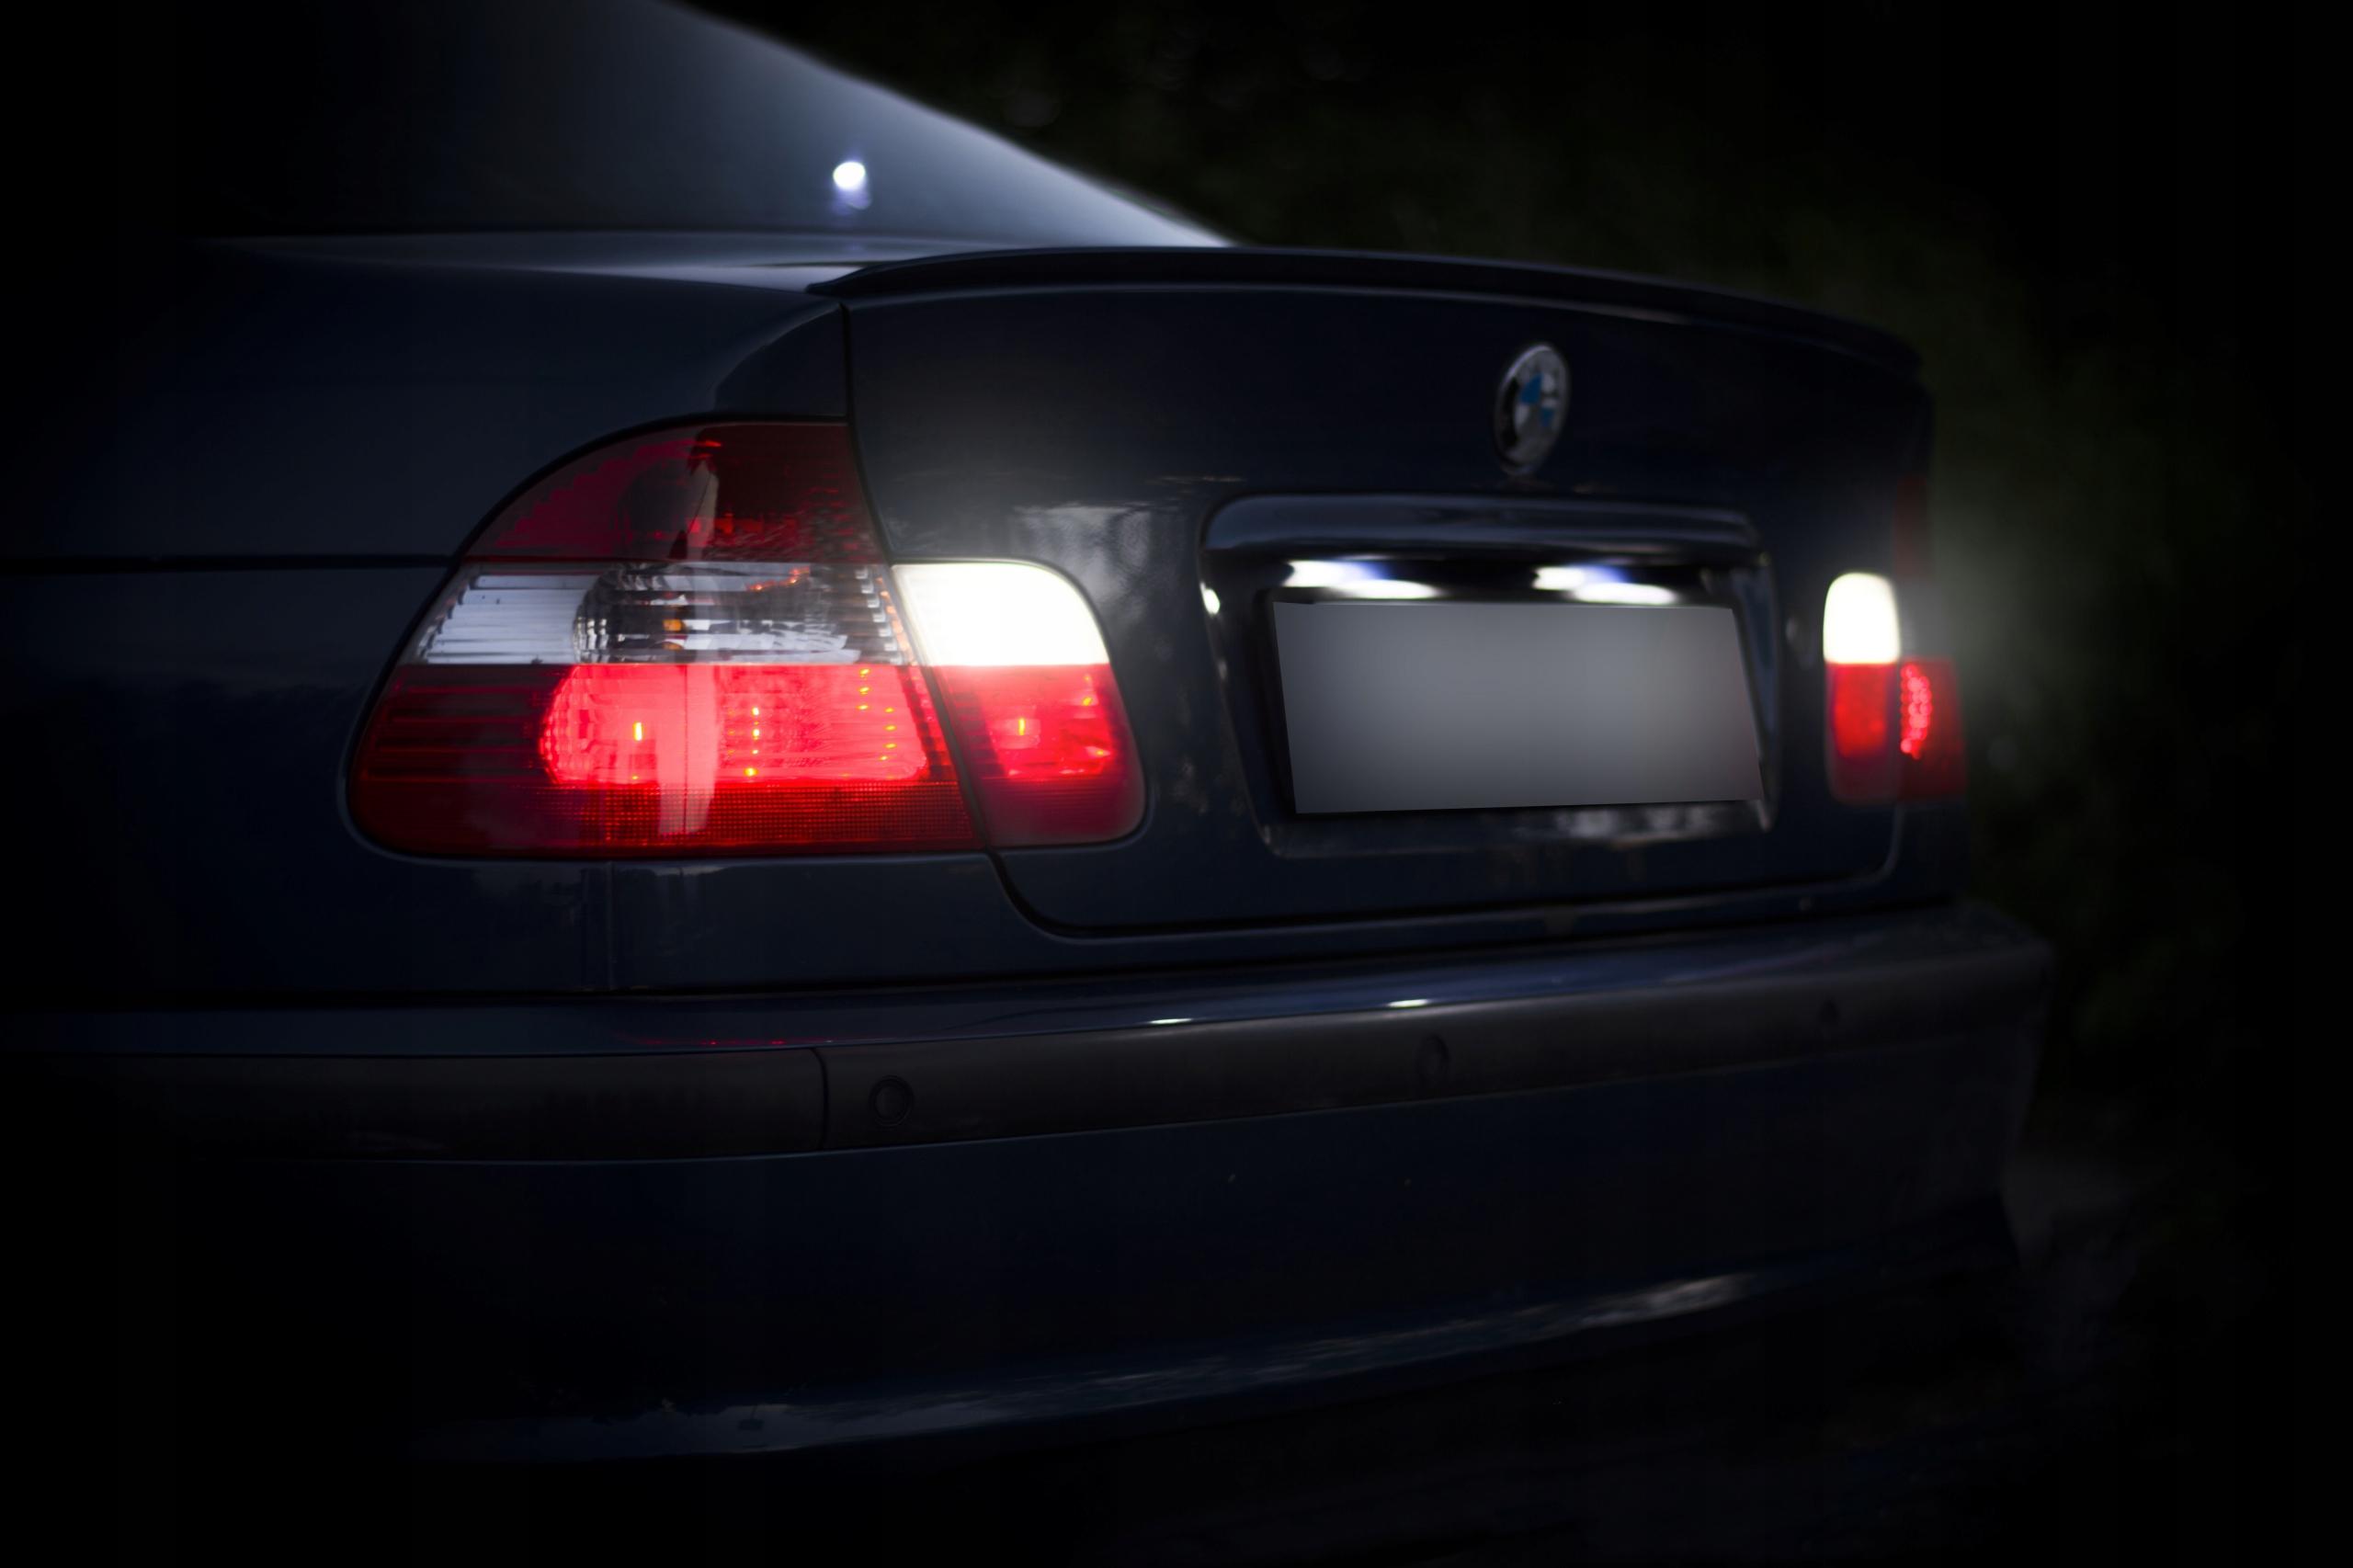 P21W 1156 LED - 6 SMD 3030 - BA15S - WSTECZNE LEDY Rodzaj LED